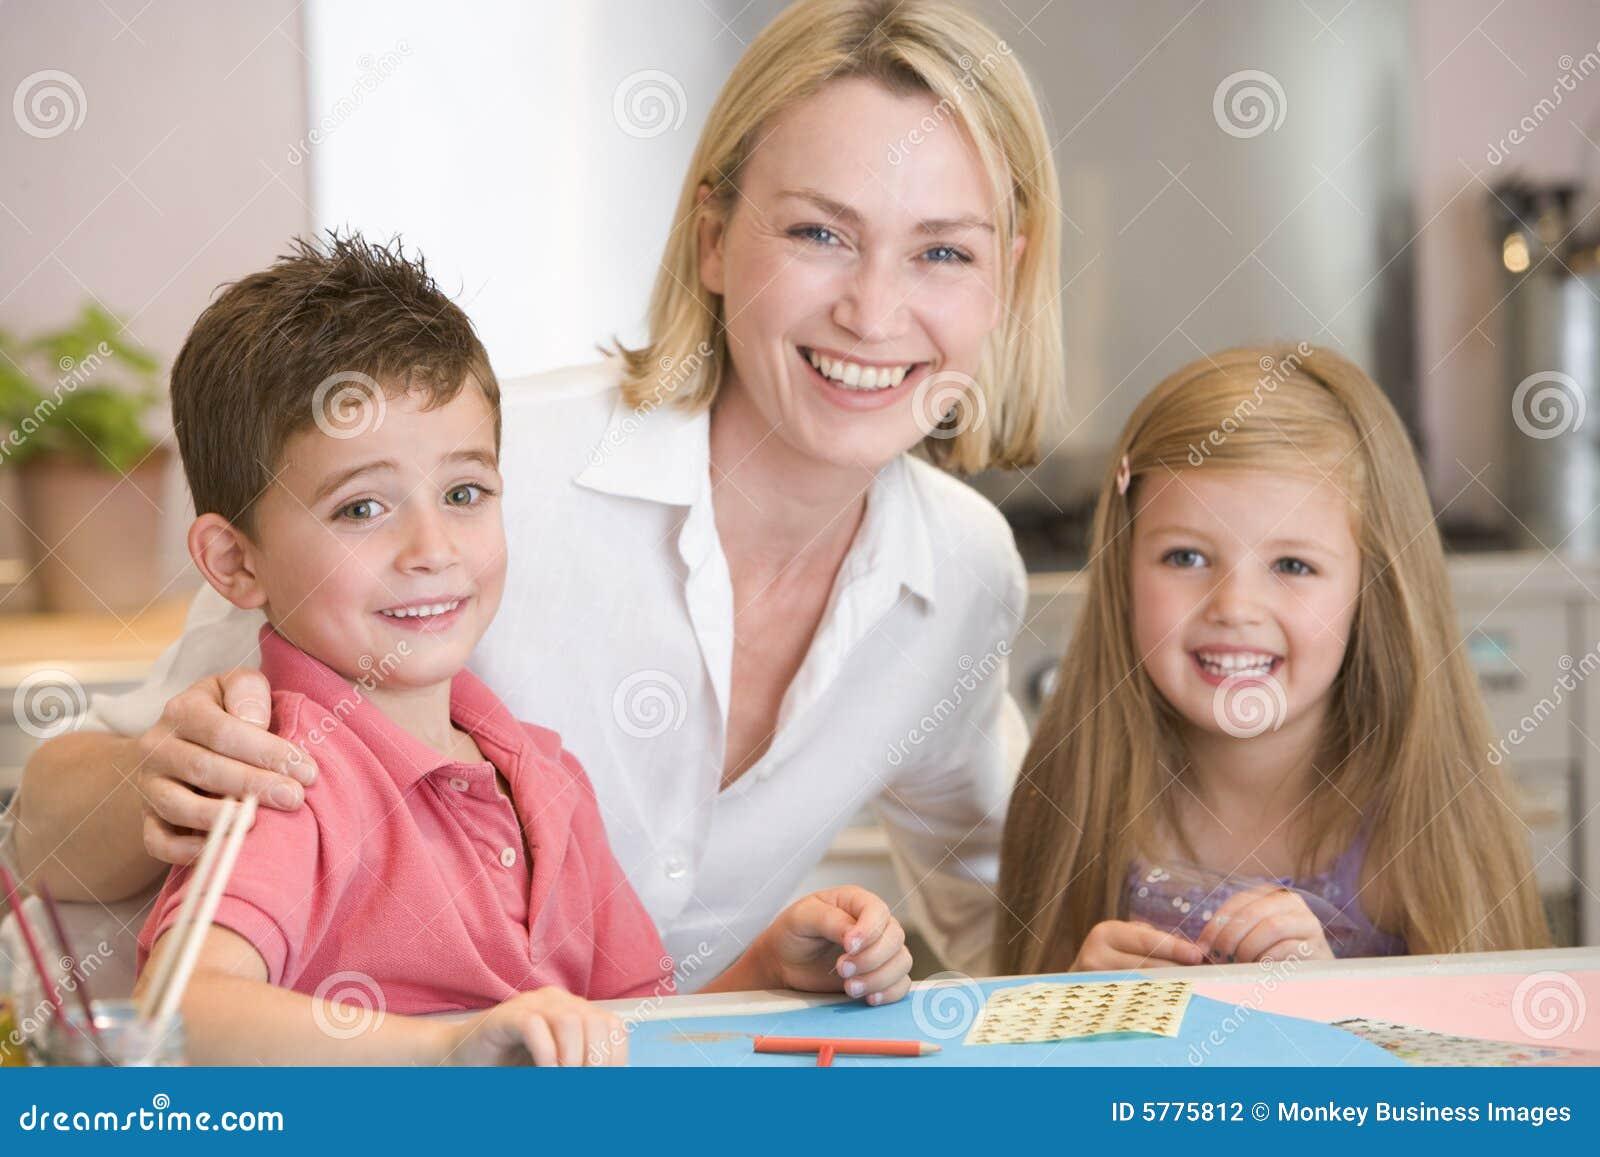 Frau und zwei junge kinder in der kuche mit kunst p for Blasenschw che bei frauen